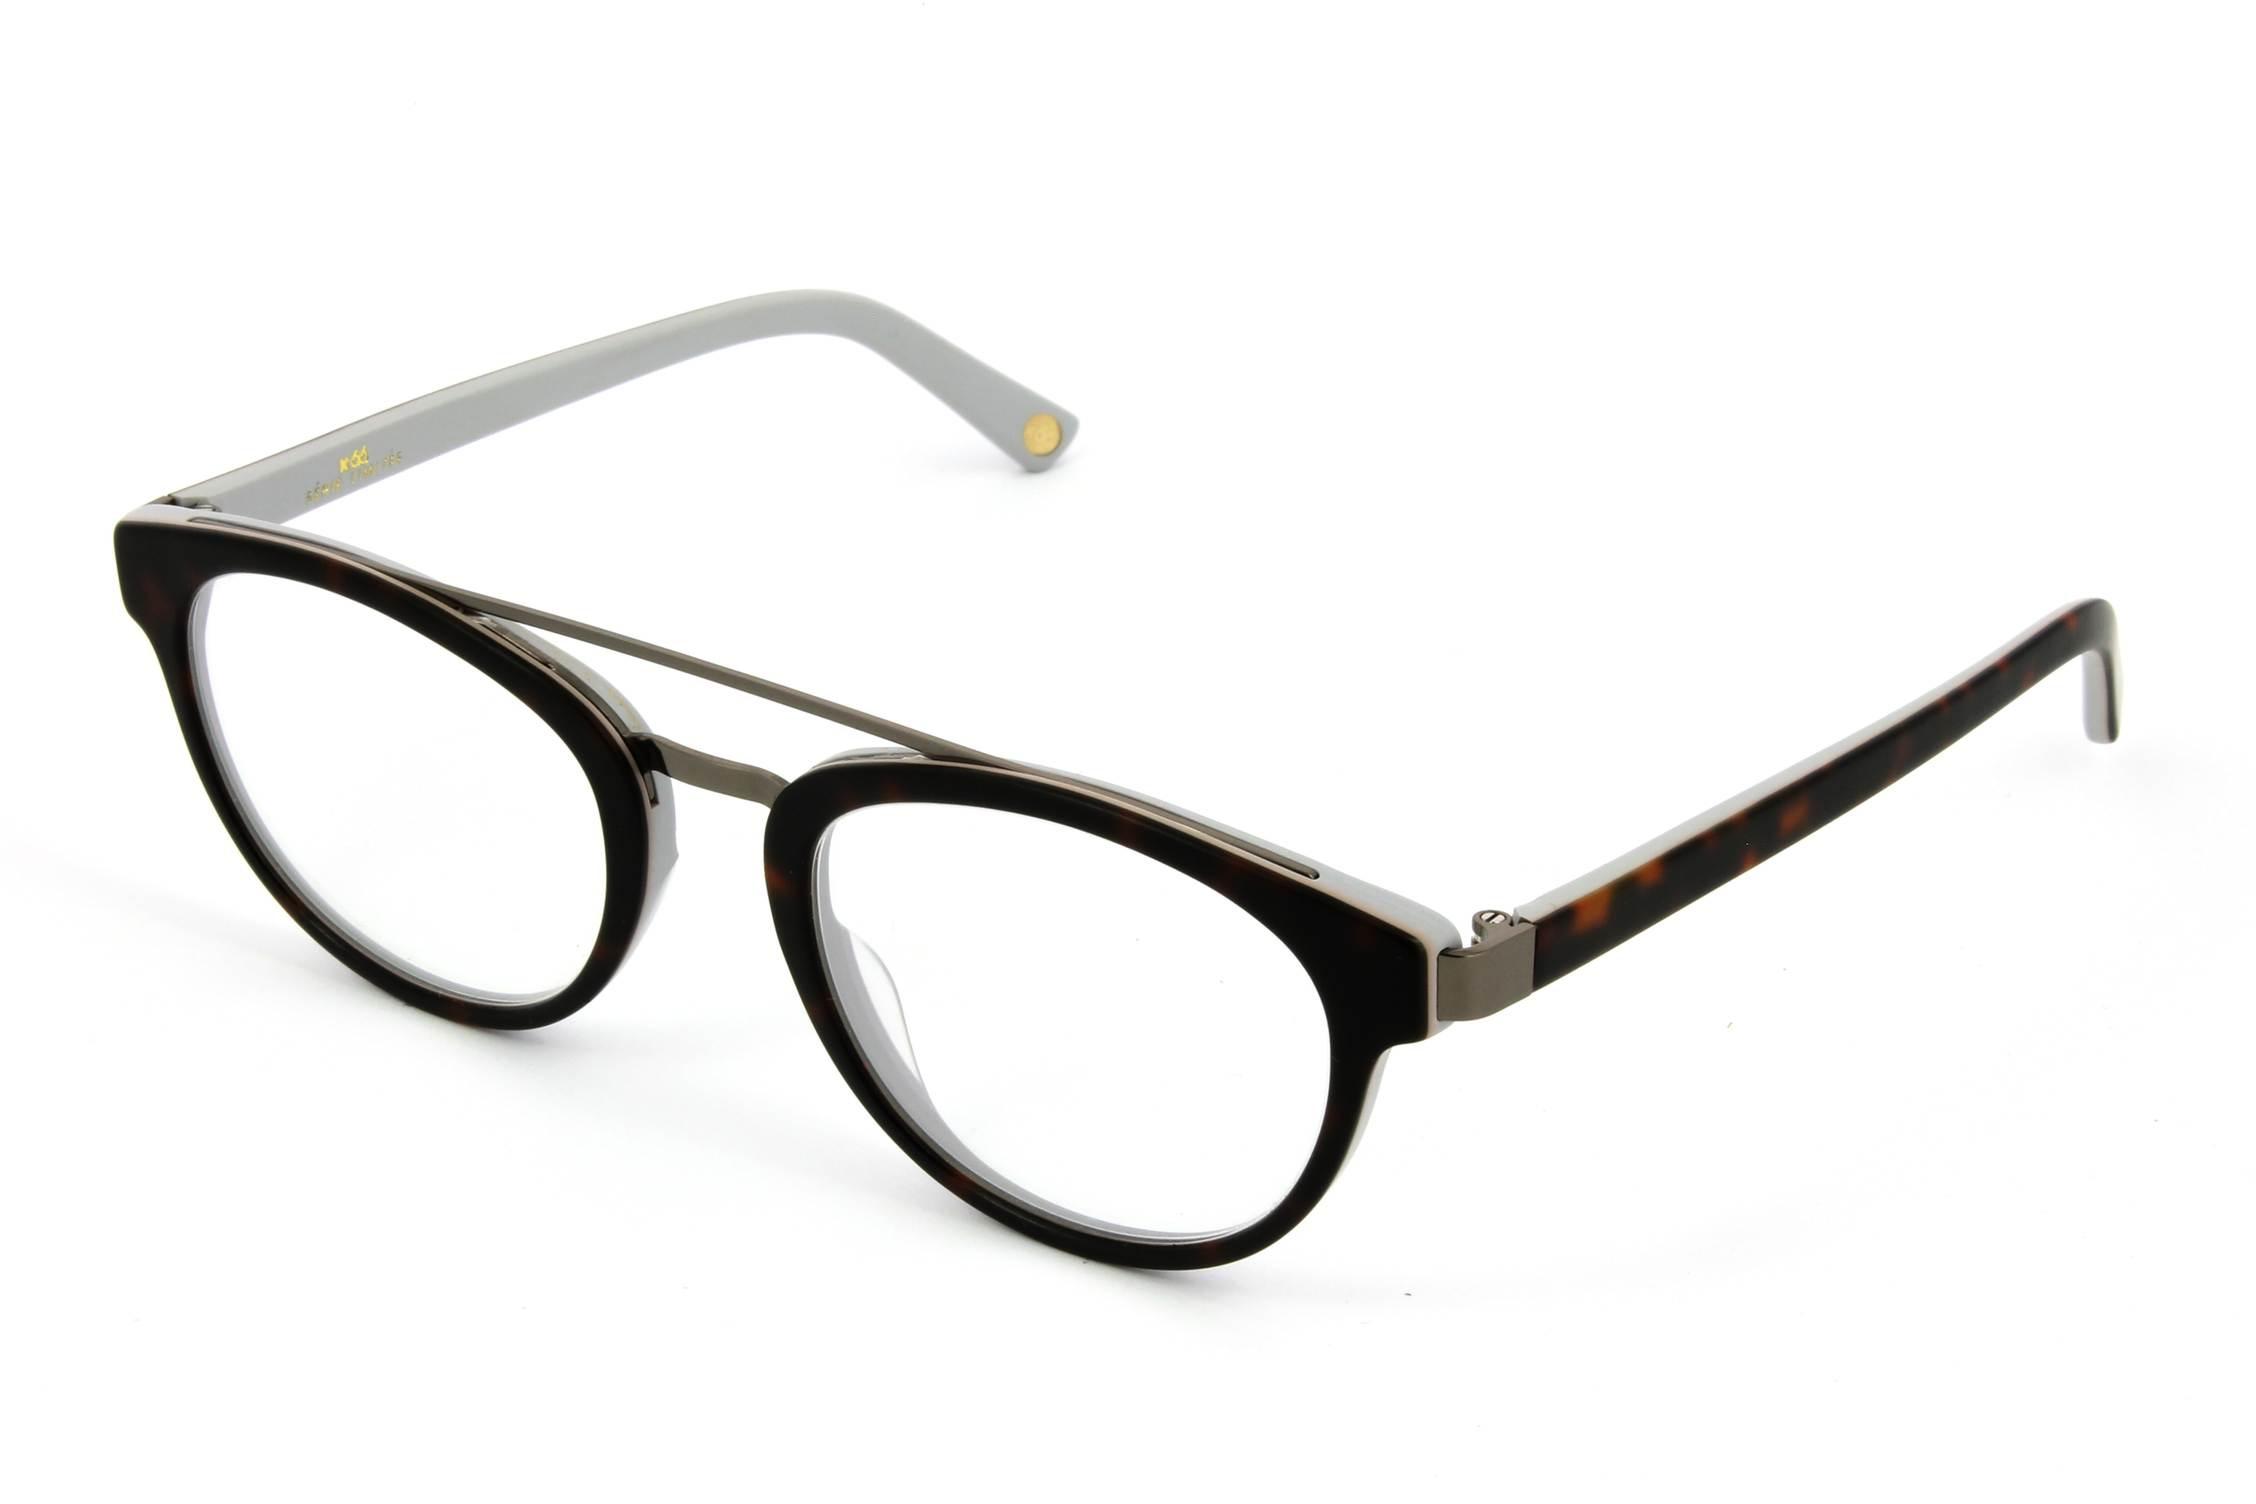 Choisir des lunettes de soleil à sa vue